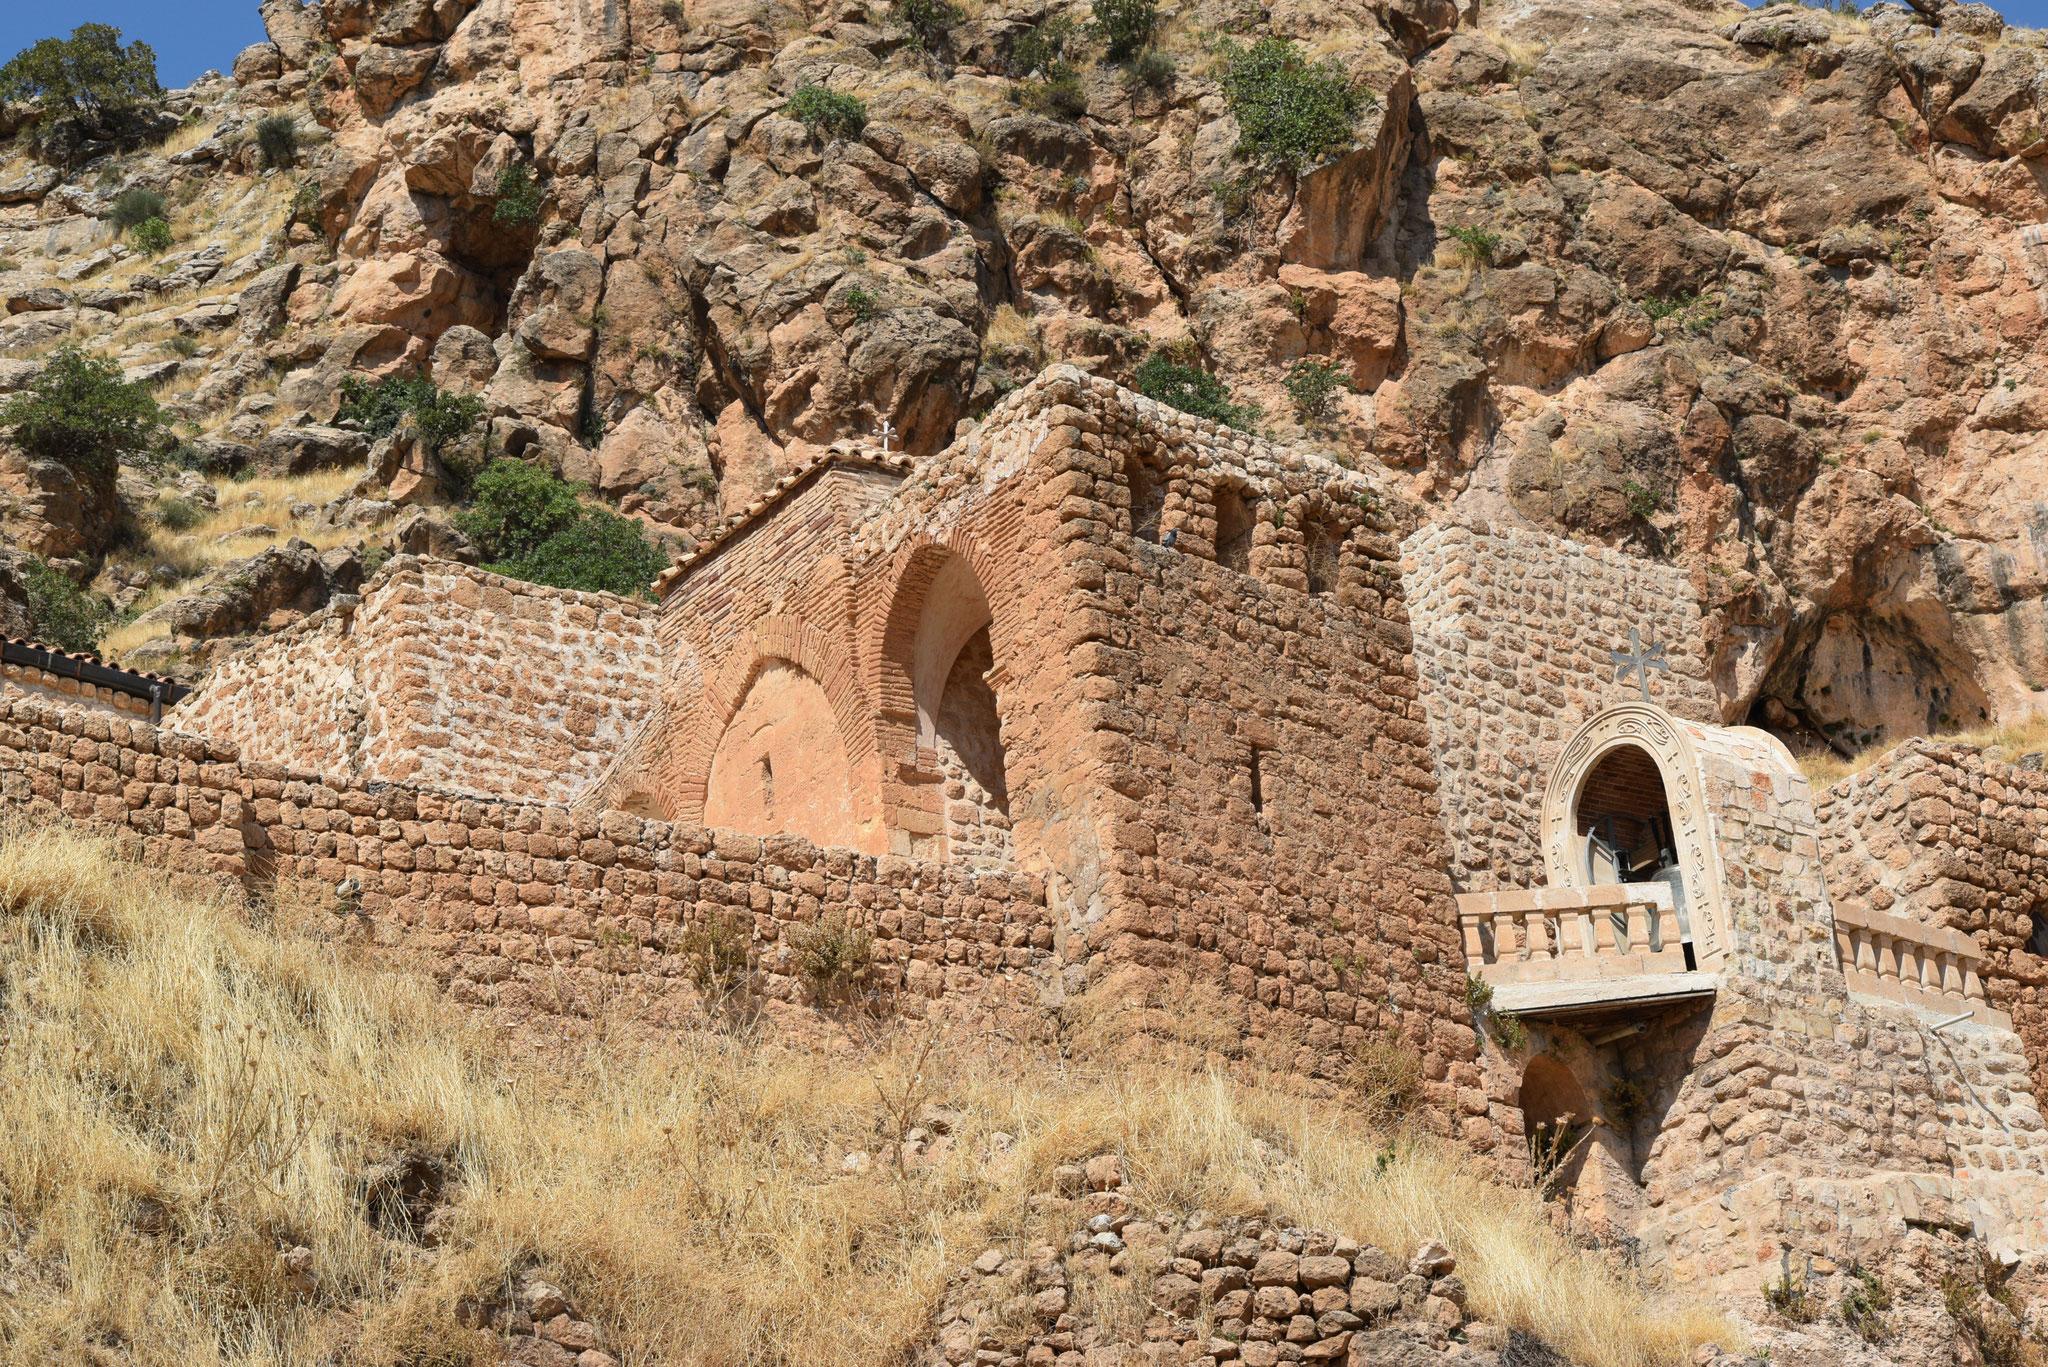 Eines der wichtigsten Klöster im Tur Abdin ist Mor Augin an den steilen Abhängen des Izlo-Gebirges. Zwei Mönche leben das ganze Jahr hier.